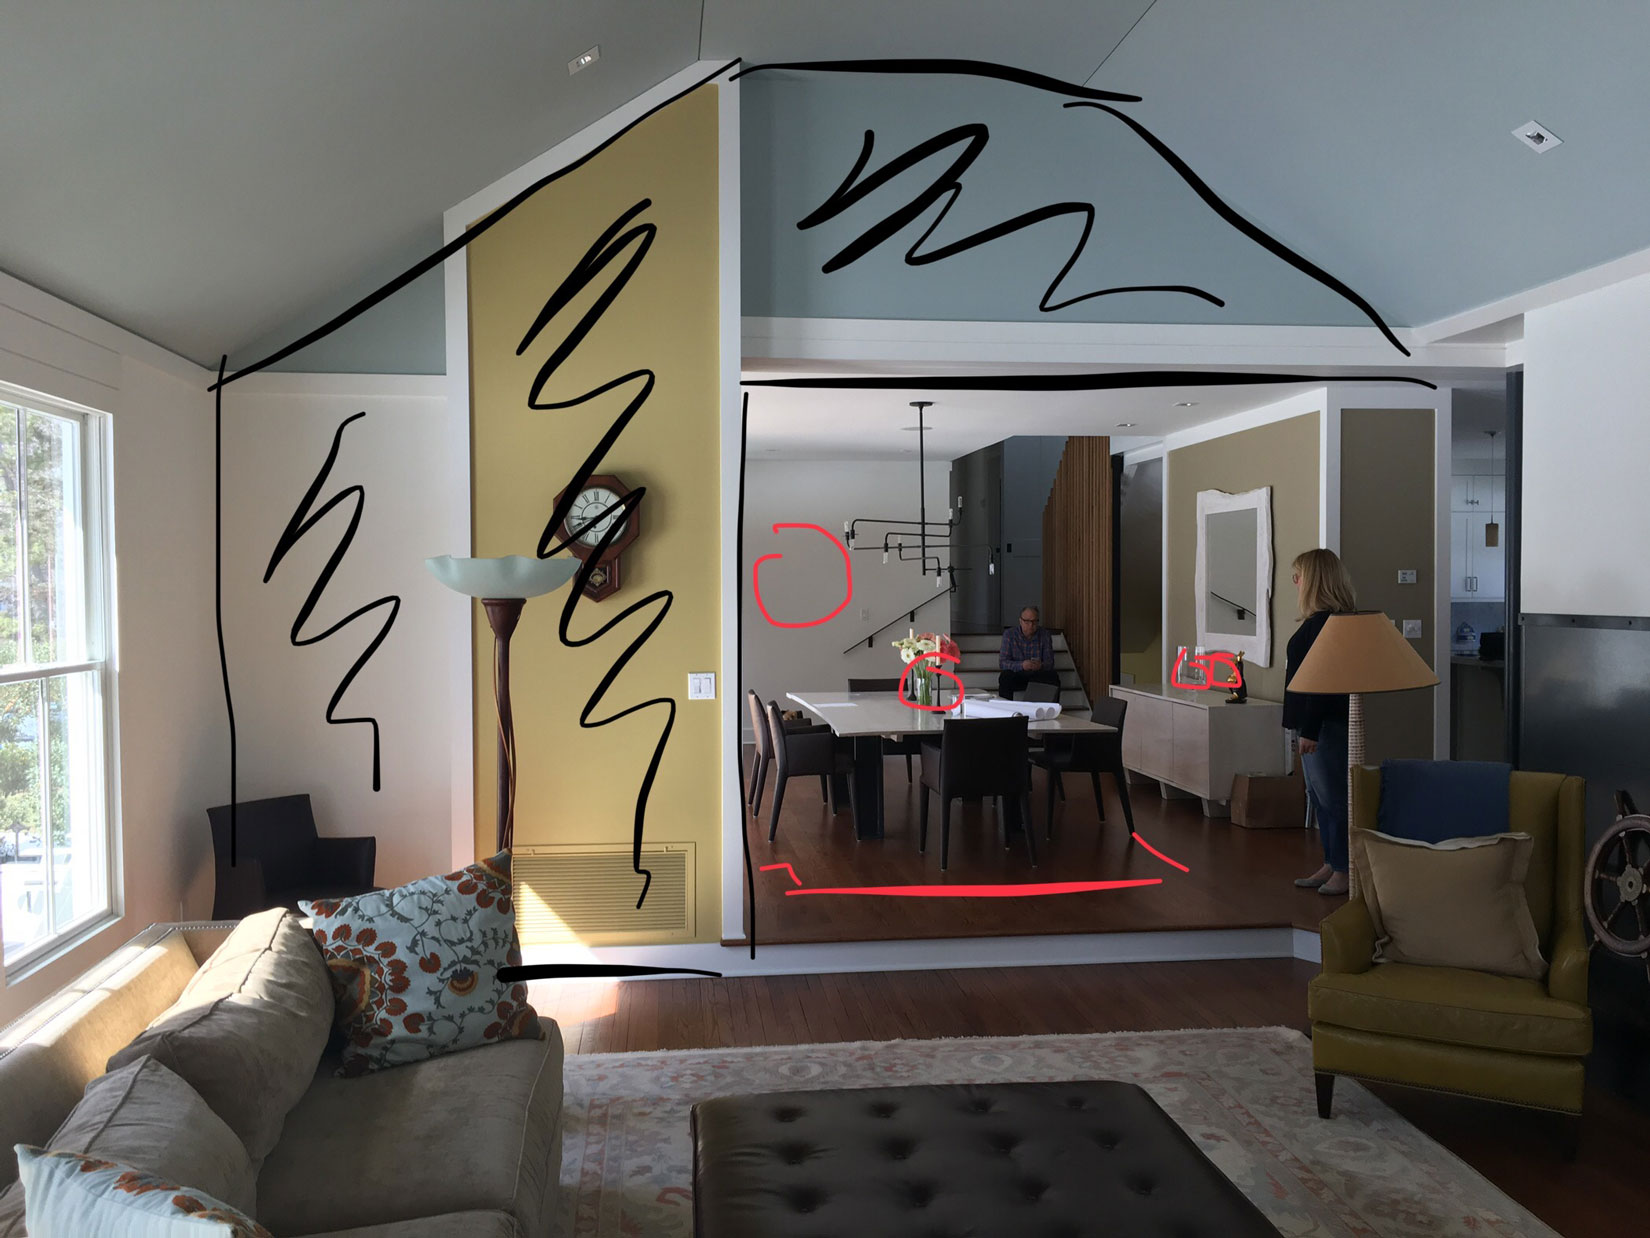 Modern-LIving-Room-House-Before-Photo.jpg